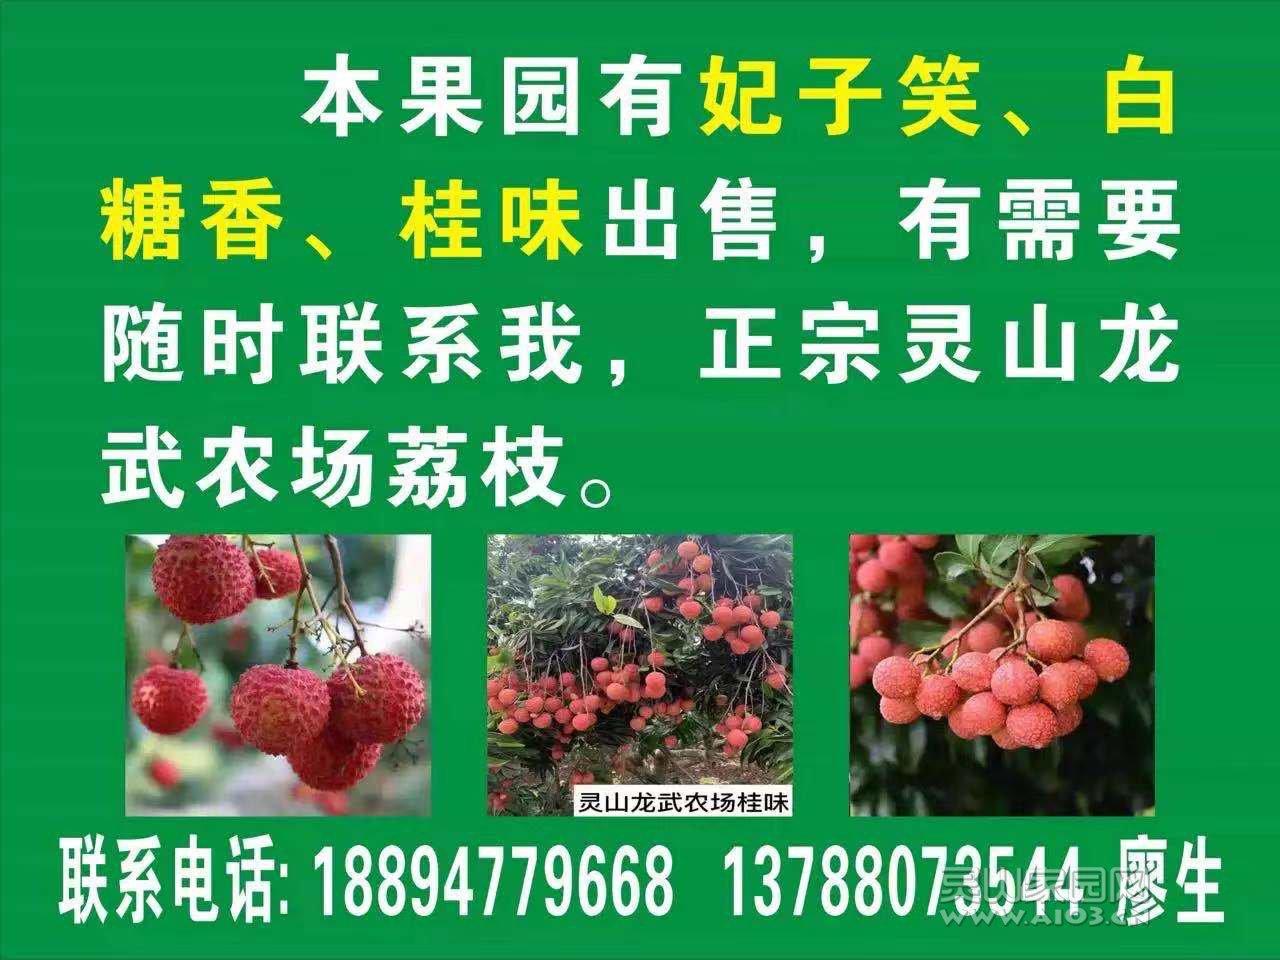 微信图片_20210528150859.jpg